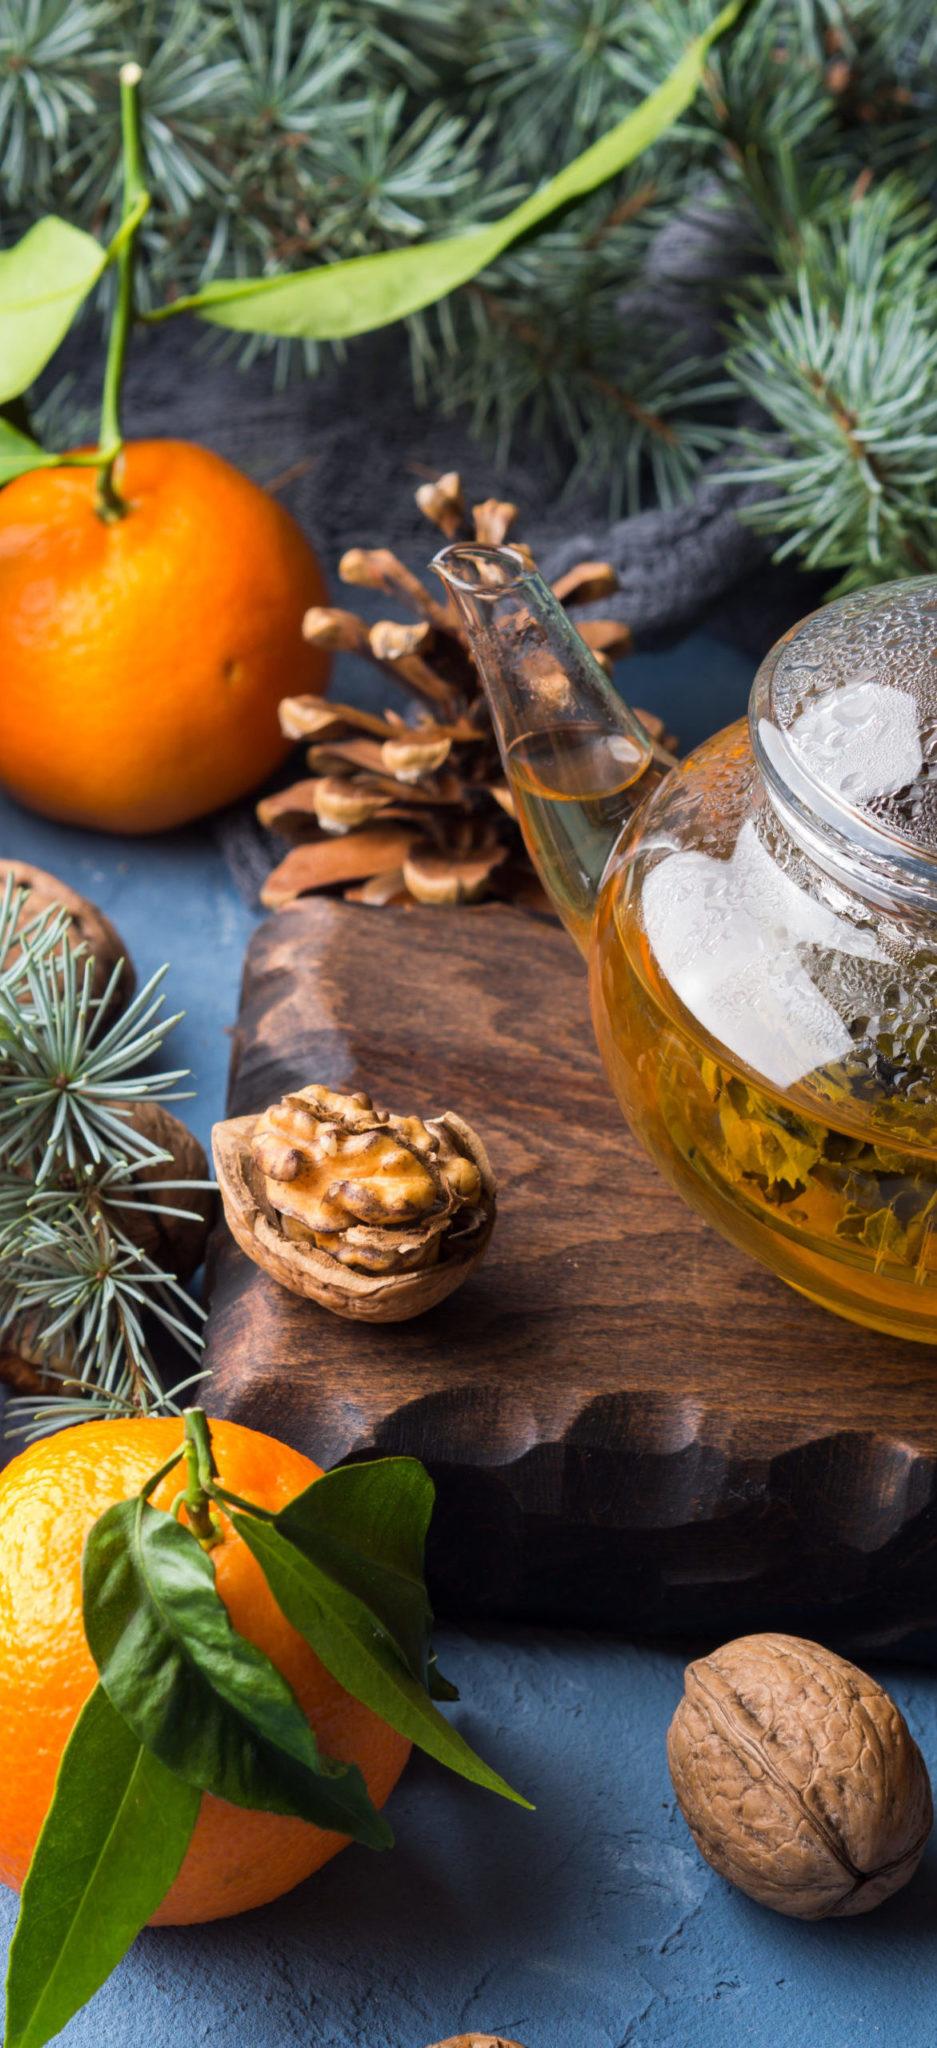 infusions tisanes marque eight powers -illustration produits naturels et biologiques - feuilles vertes, théière et ingrédients séchés